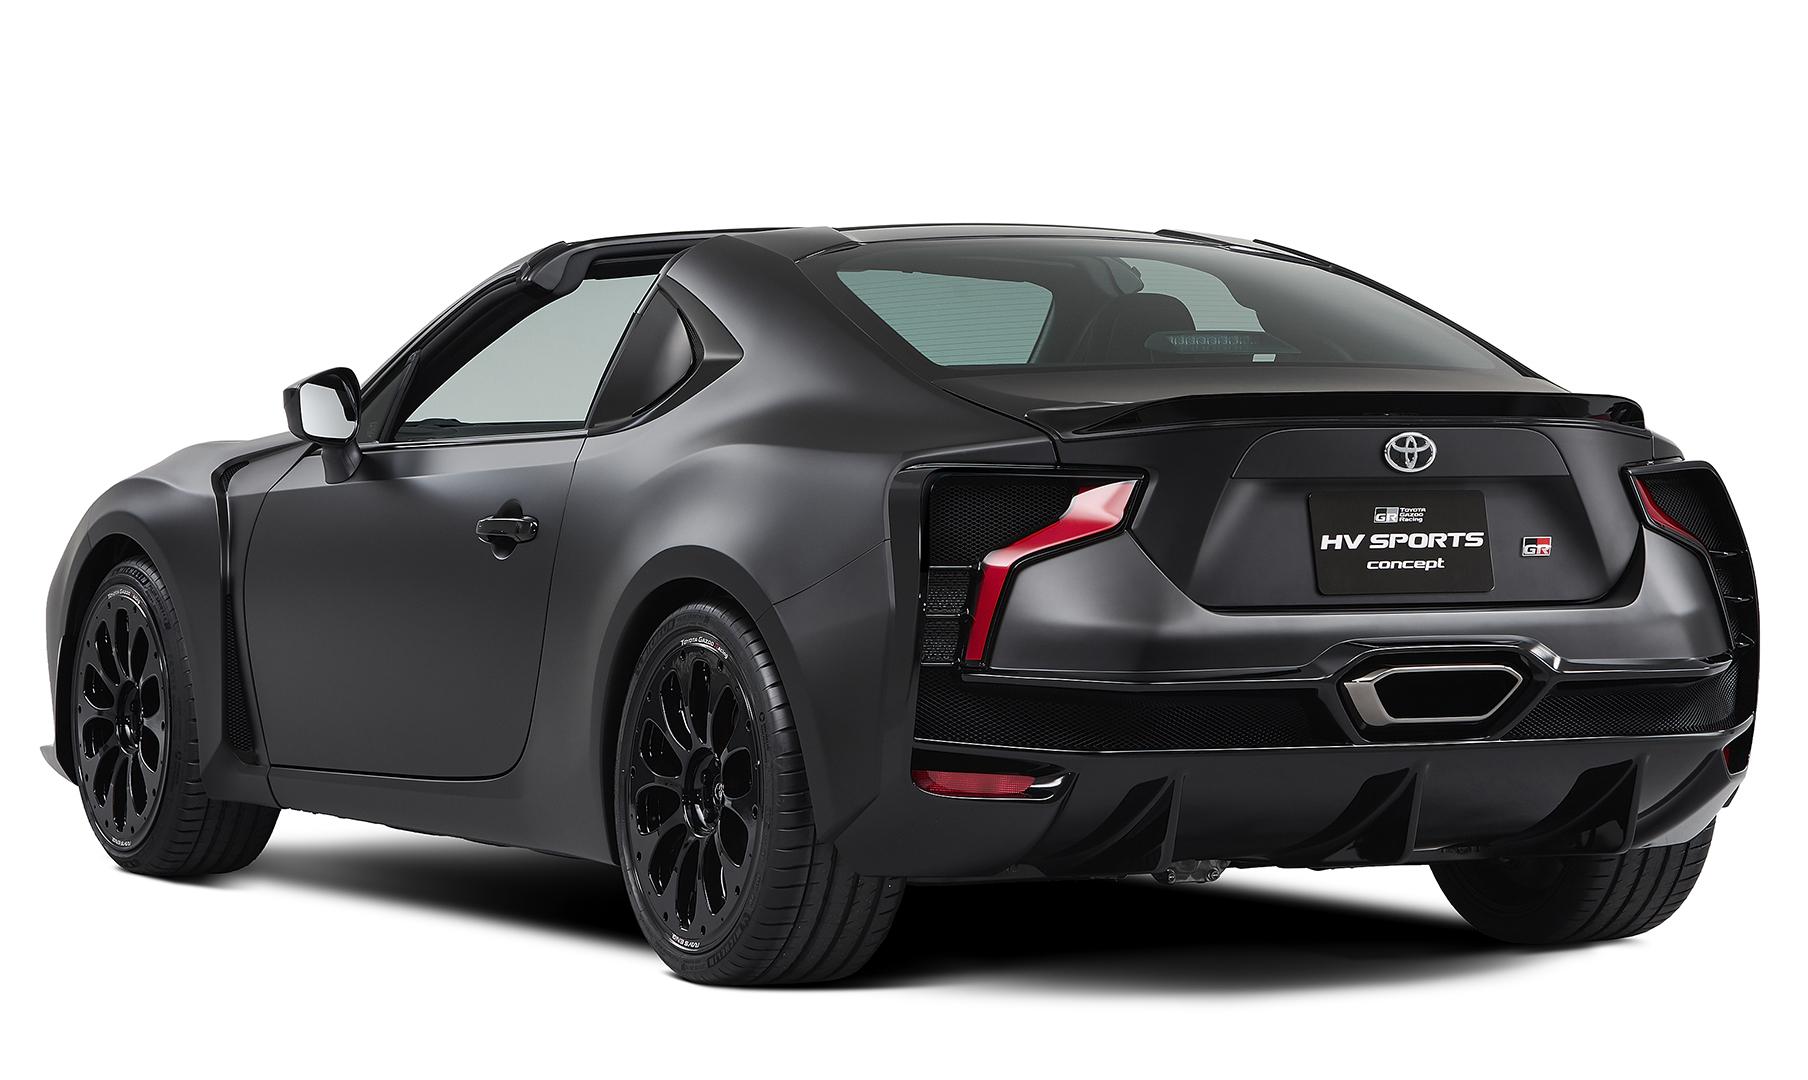 Gr Hv Sports Concept Revealed At Tokyo Motor Show 2017